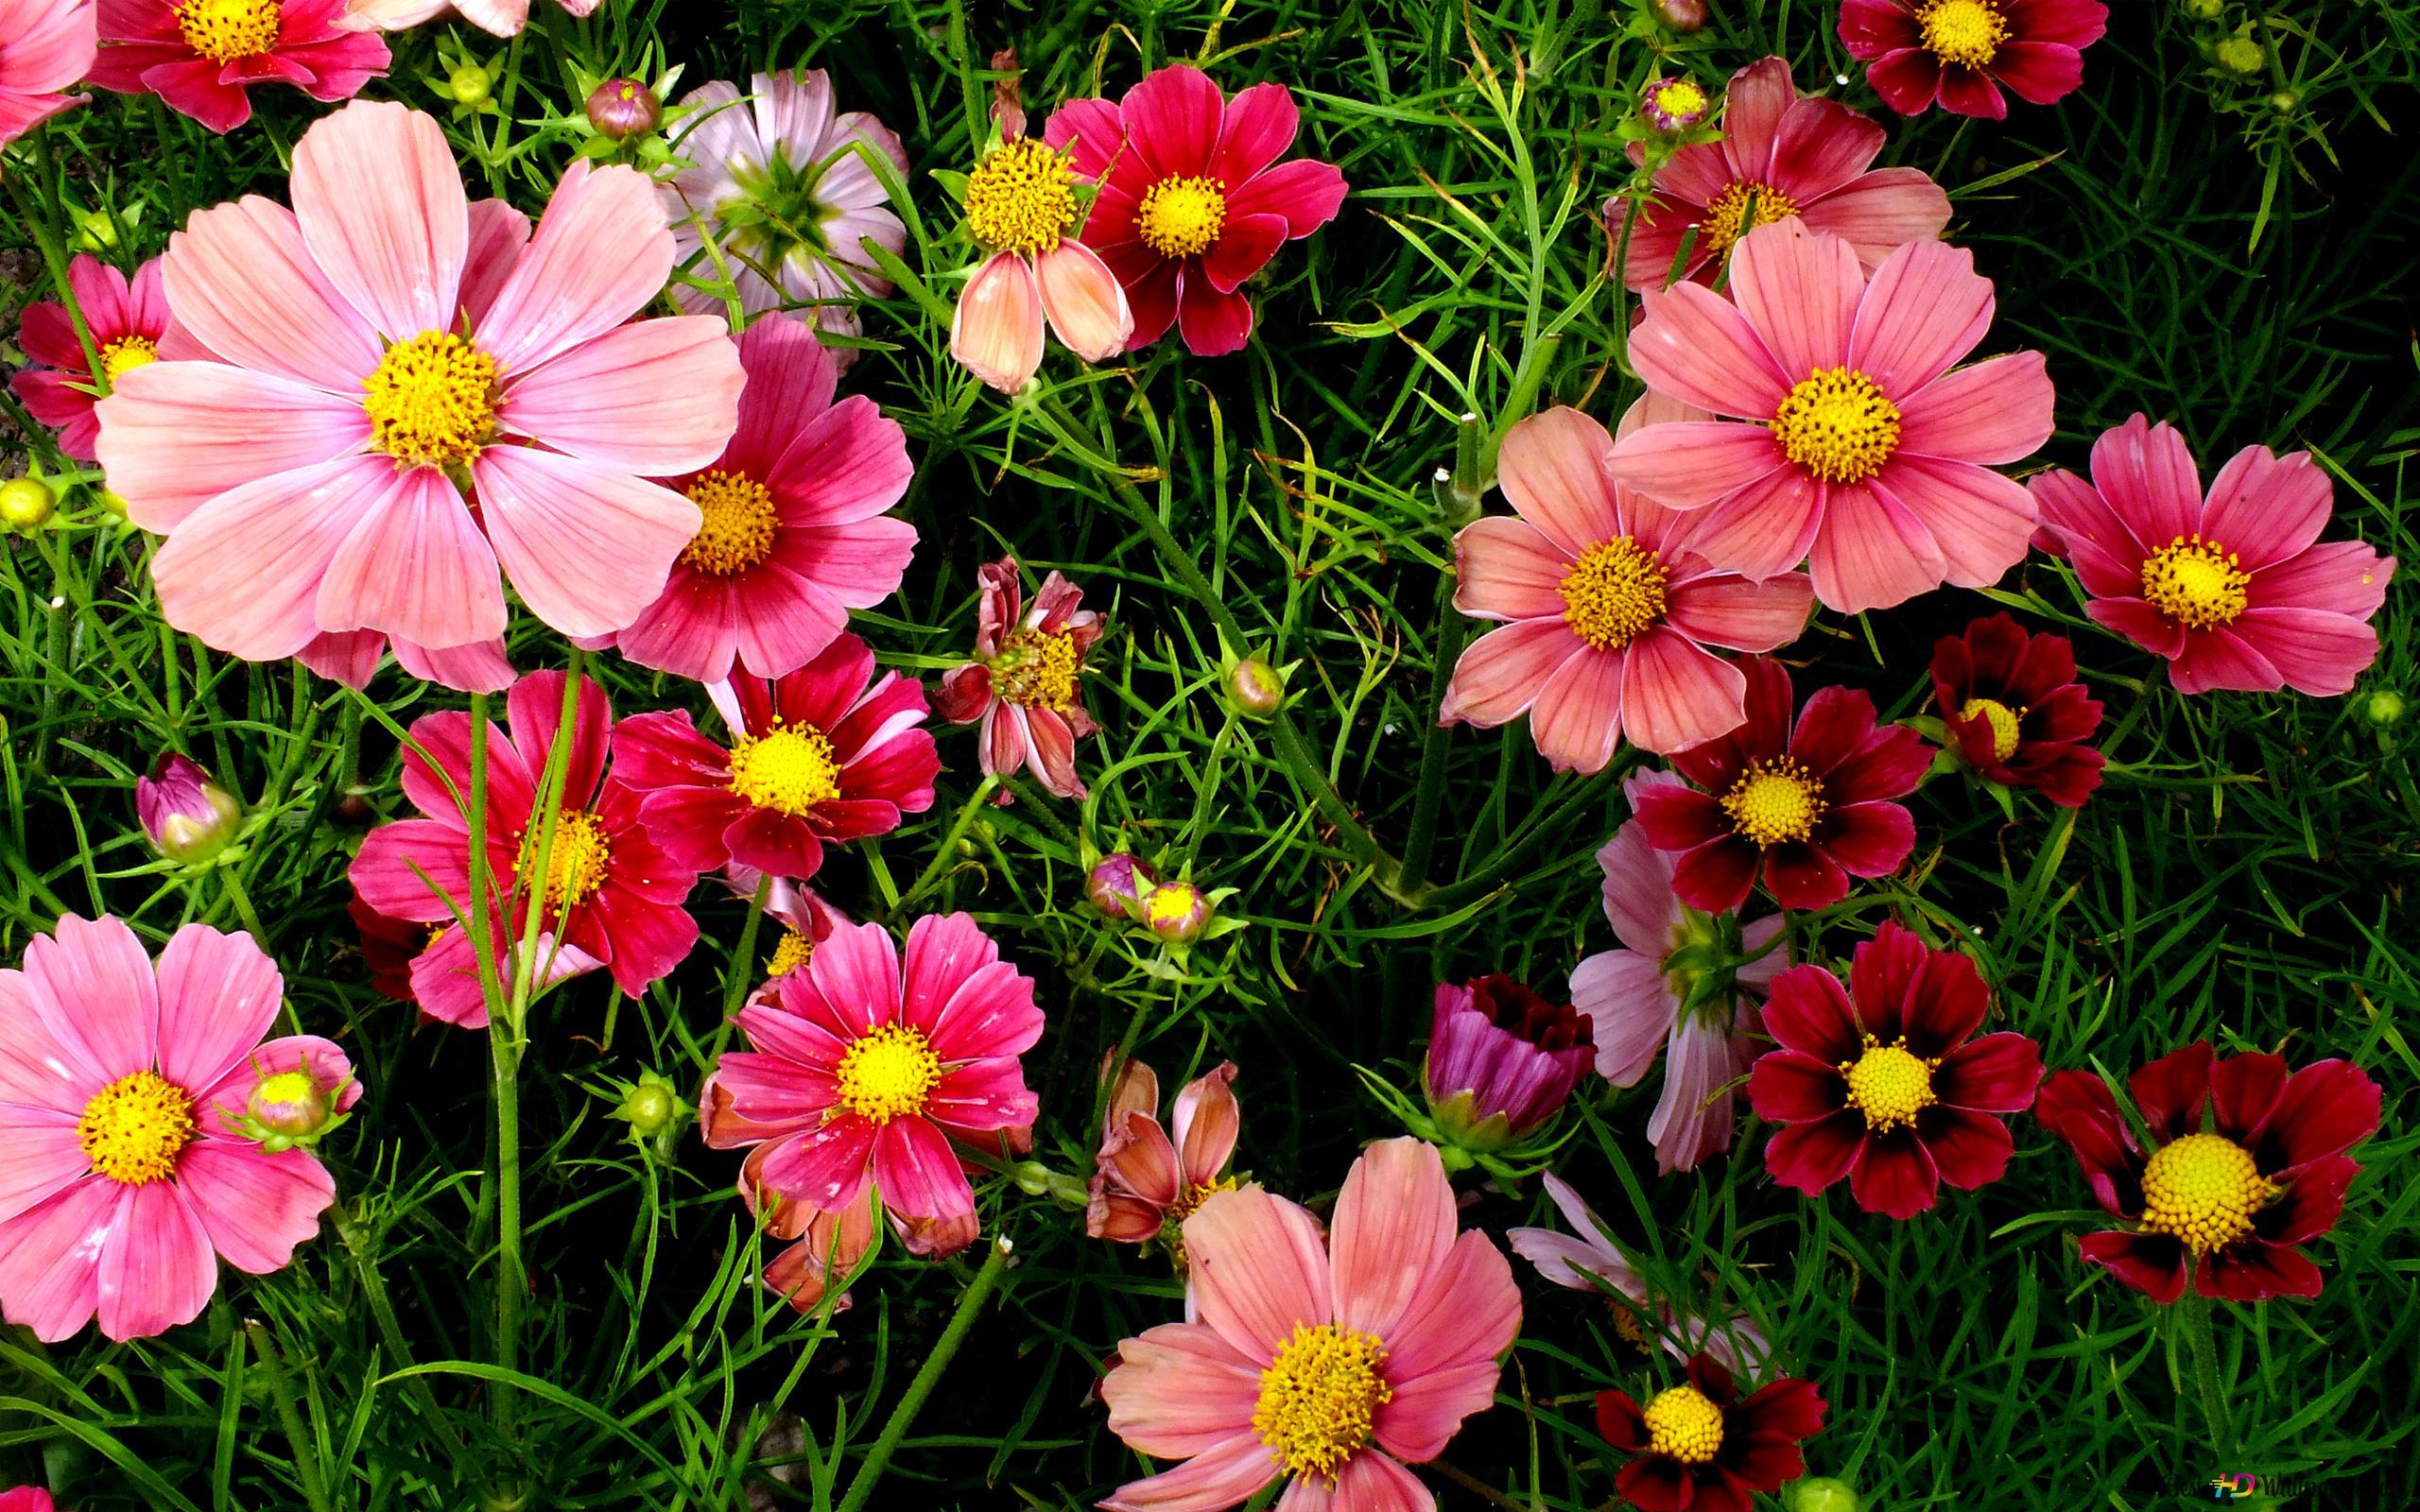 カラフルなコスモスの花の庭 Hd壁紙のダウンロード